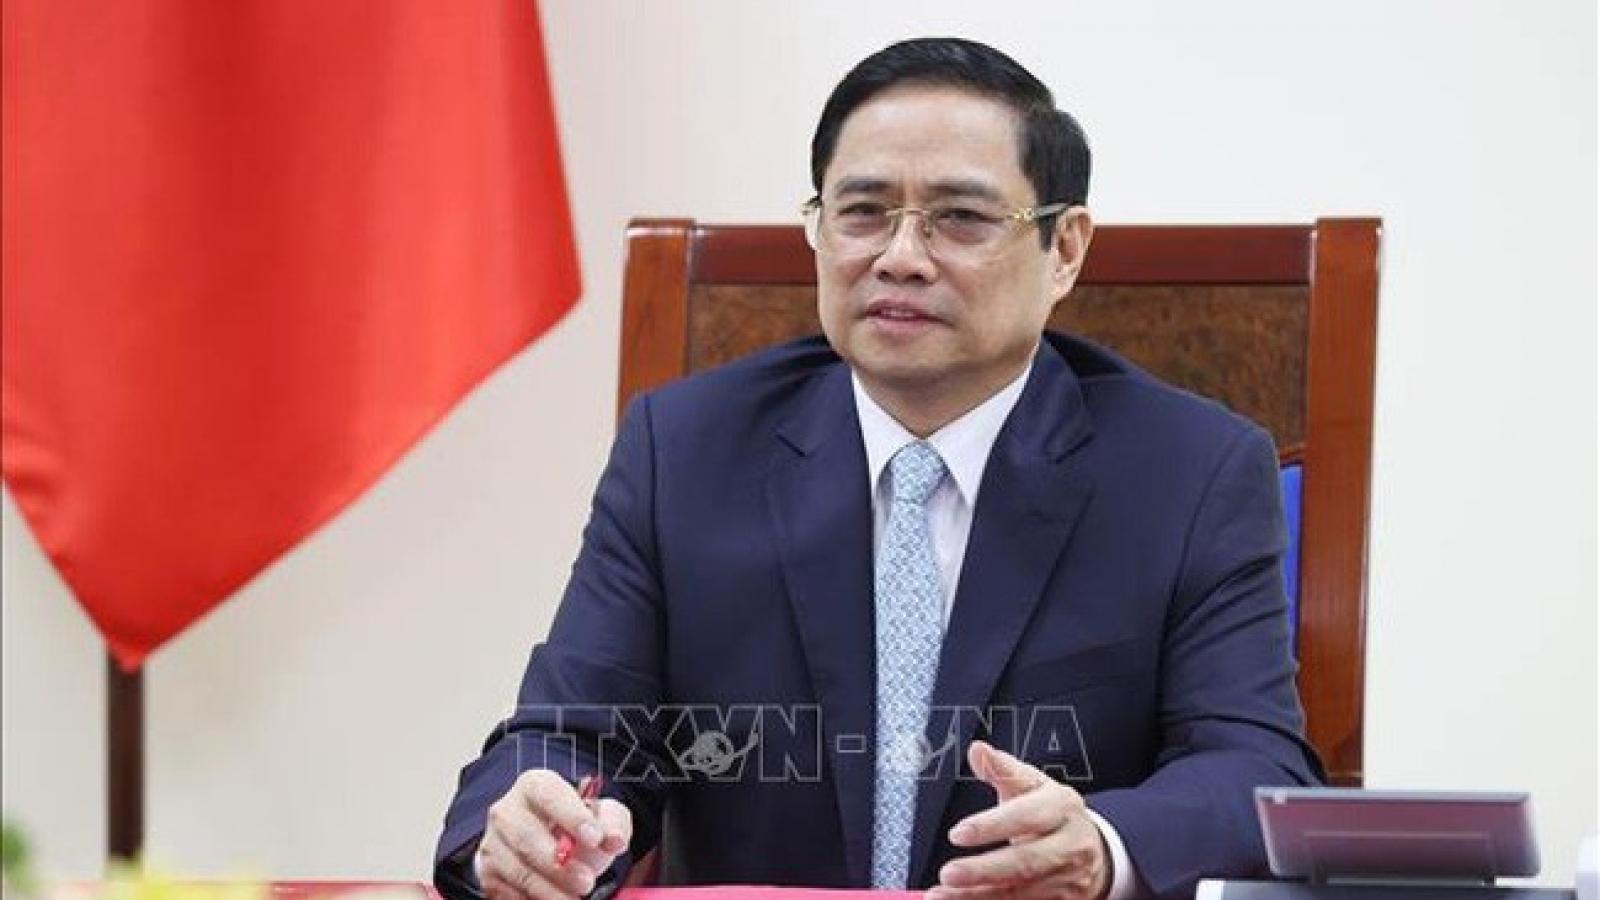 Thủ tướng Campuchia Hun Sen gửi thư chúc mừng Thủ tướng Chính phủ Phạm Minh Chính